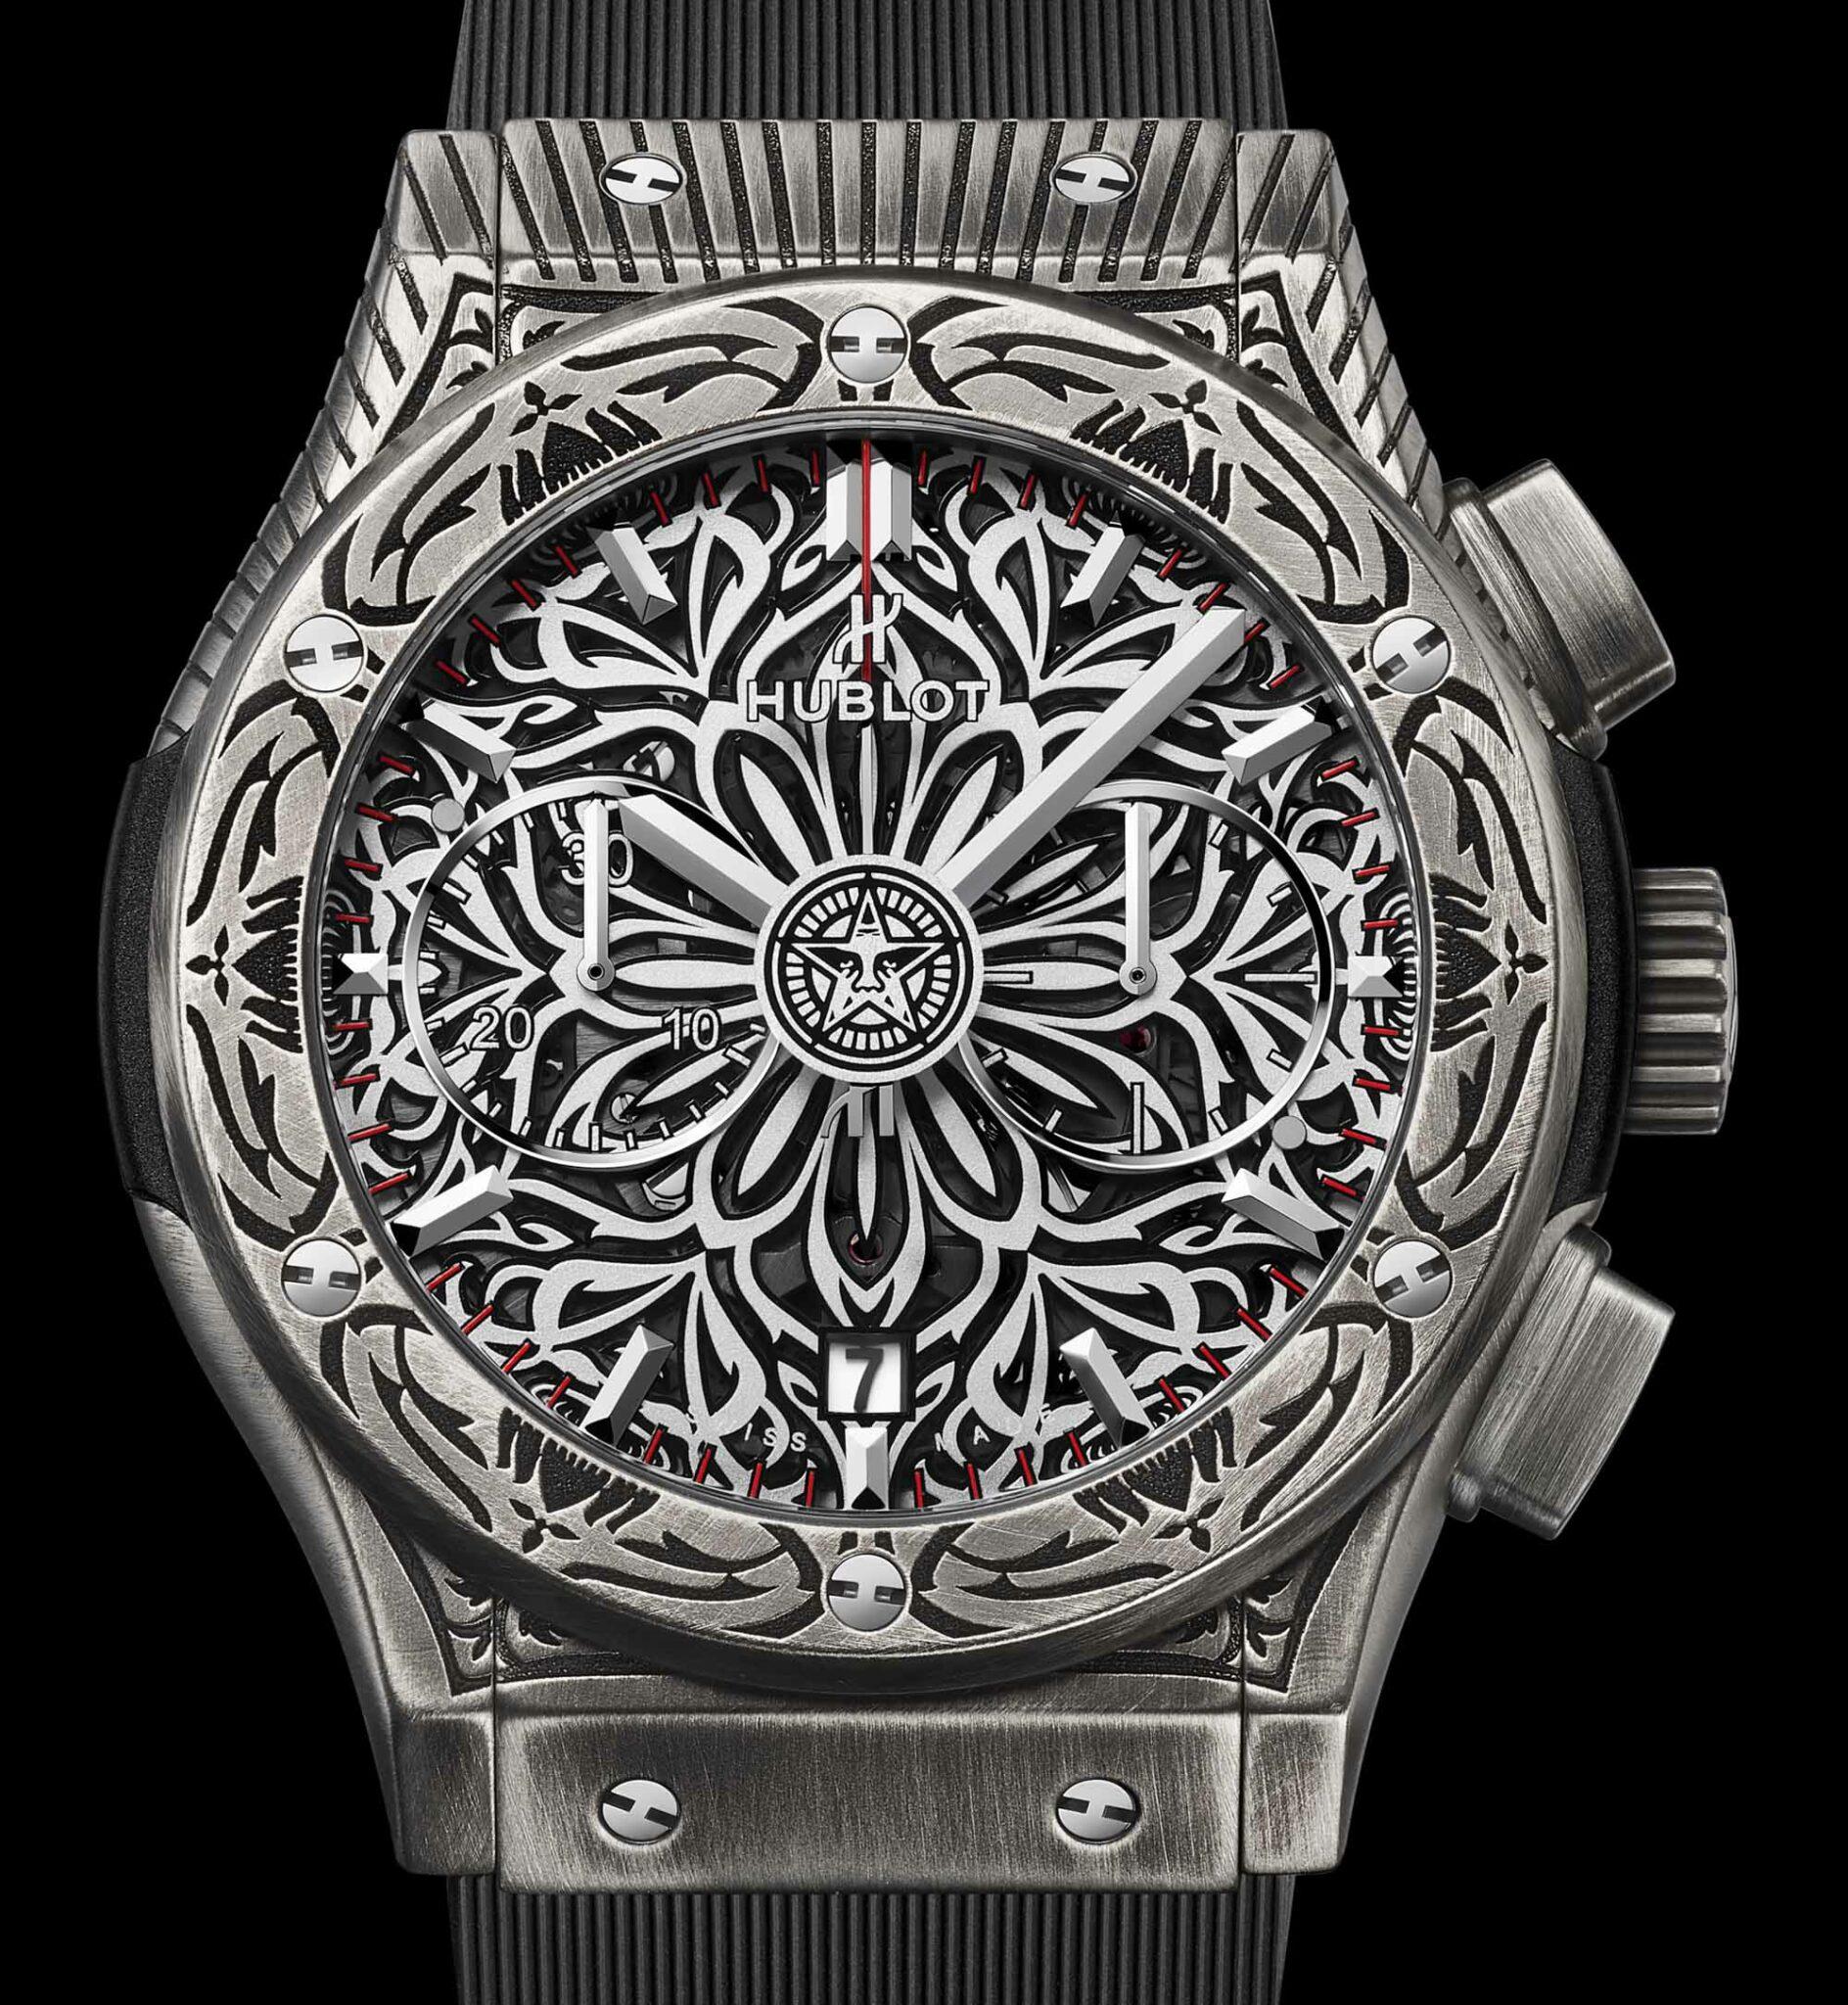 Hublot Classic Fusion Chronograph Shepard Fairey Reloj Replica De Limited Edition